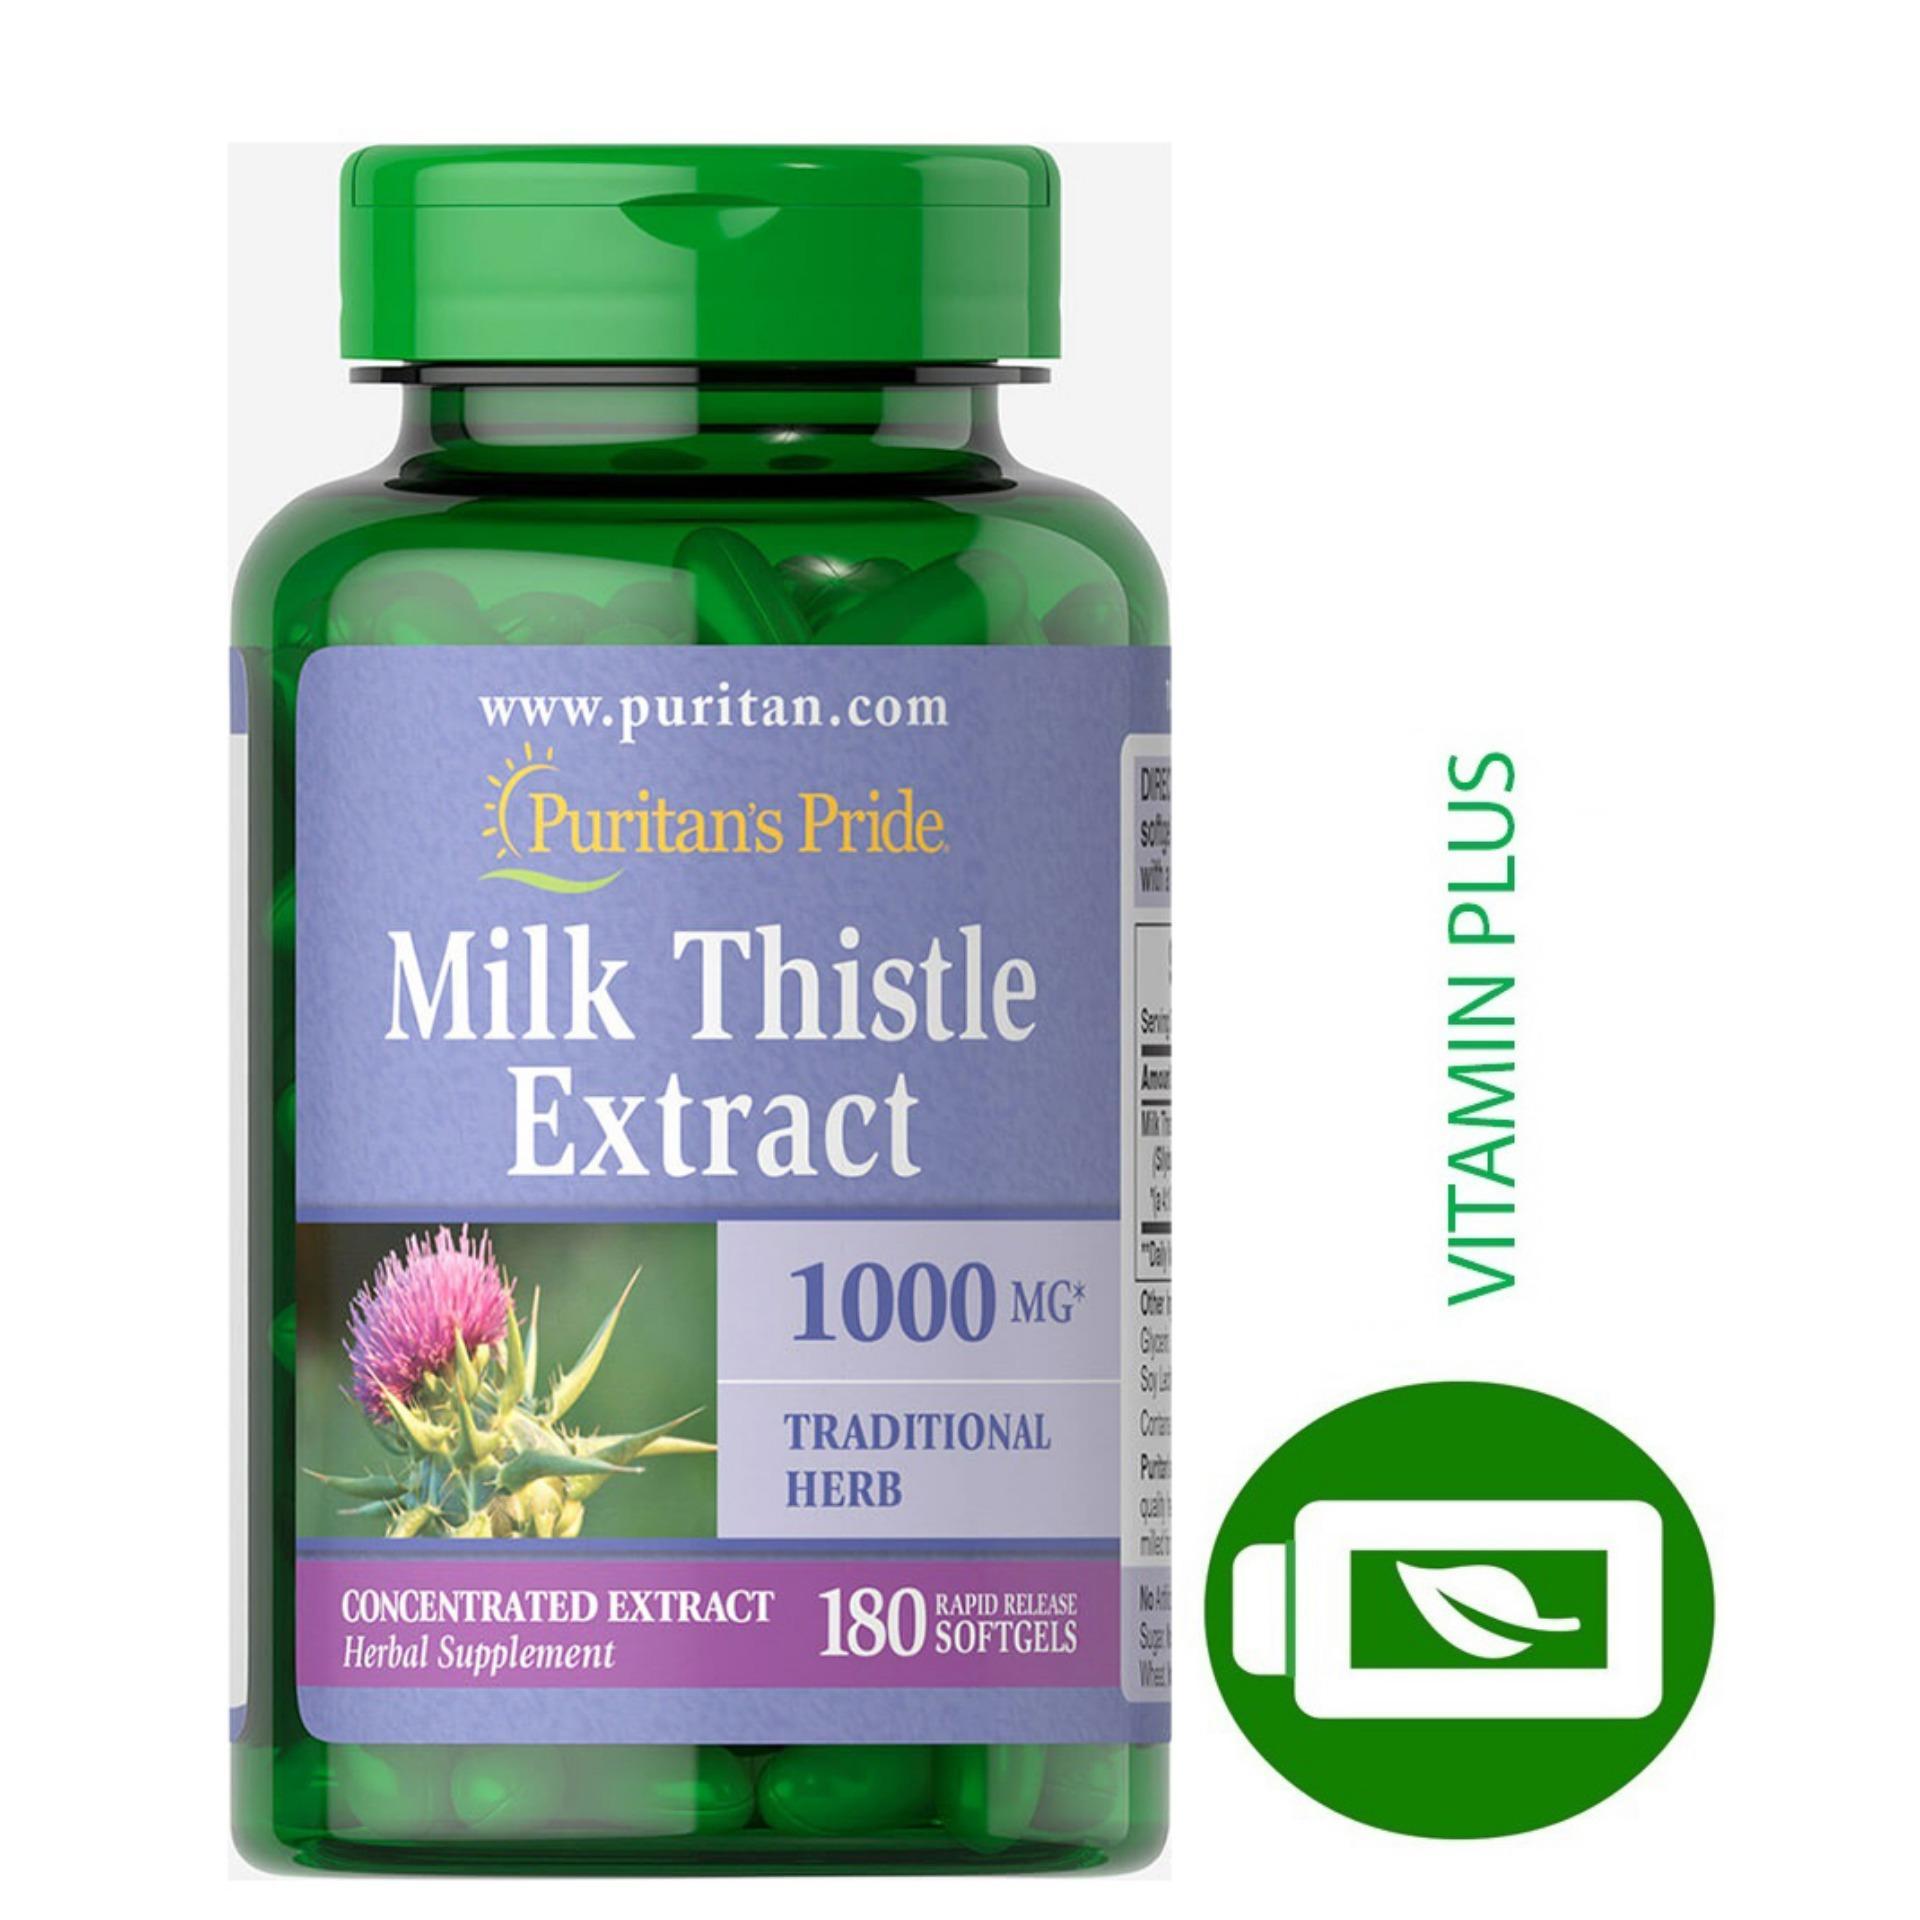 Viên uống bổ gan, làm mát gan, giải độc gan, phòng chống viêm gan, xơ gan, Vitamin Mỹ Puritans Pride Milk Thistle Extract 1000mg 180 viên hàng chính hãng